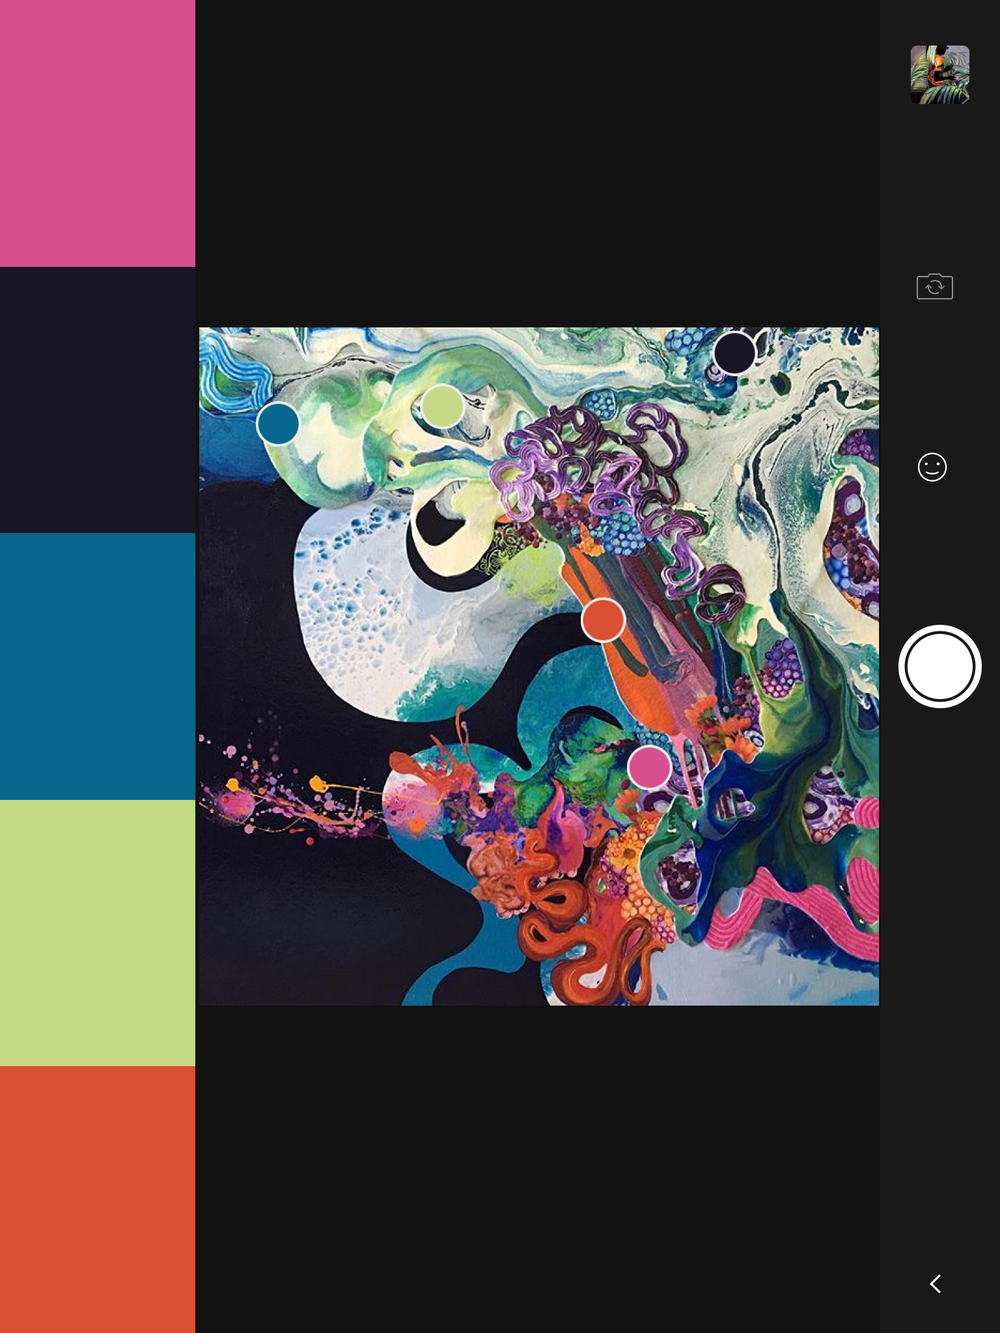 Mixed media on canvas   @artistkimberberry